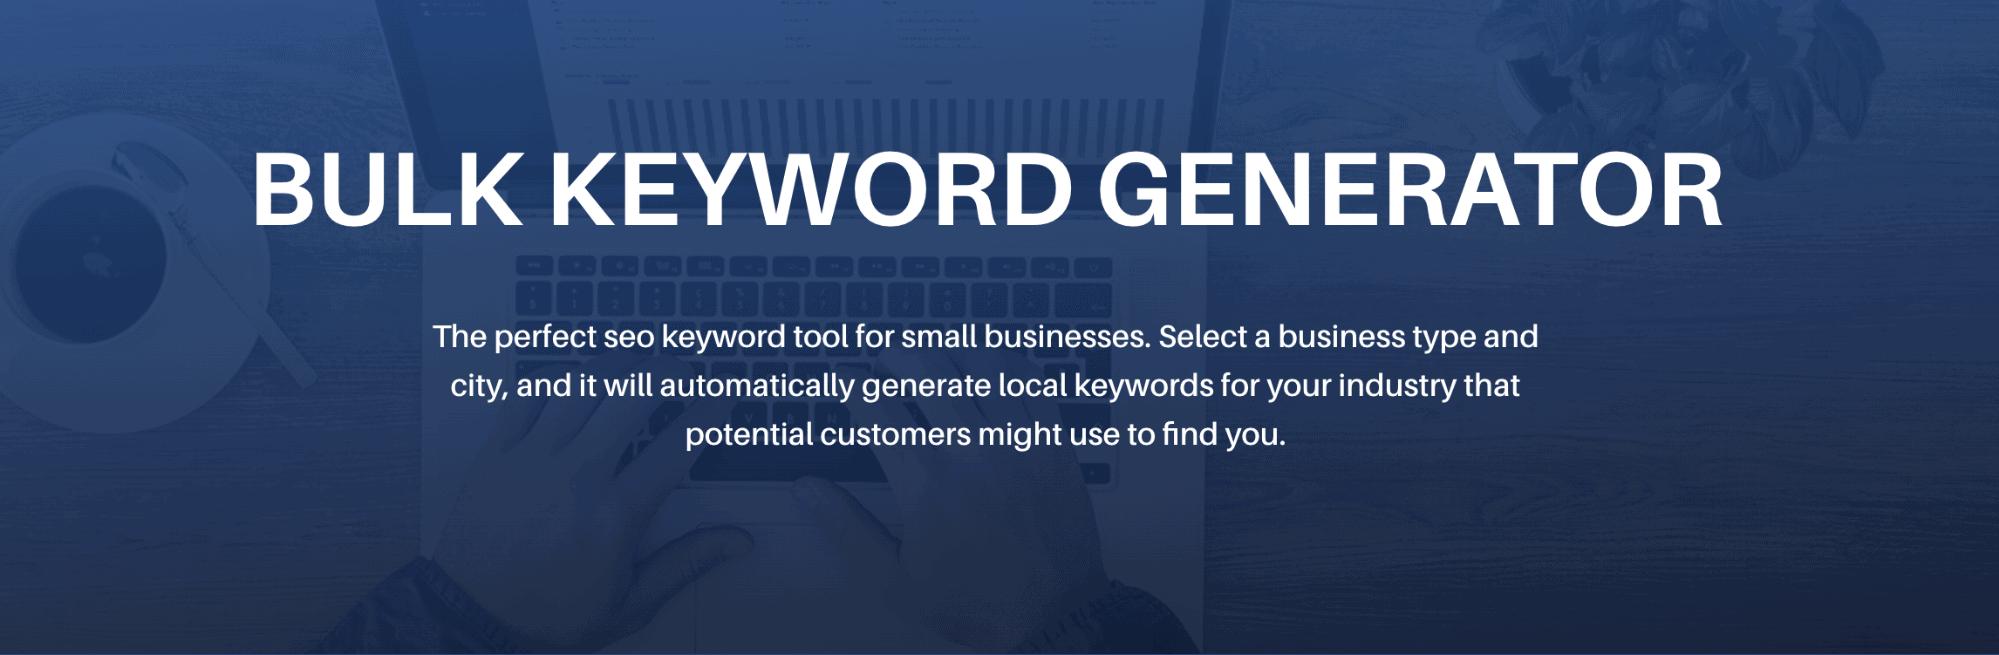 Bulk Keyword Generator Landing Page Snippet